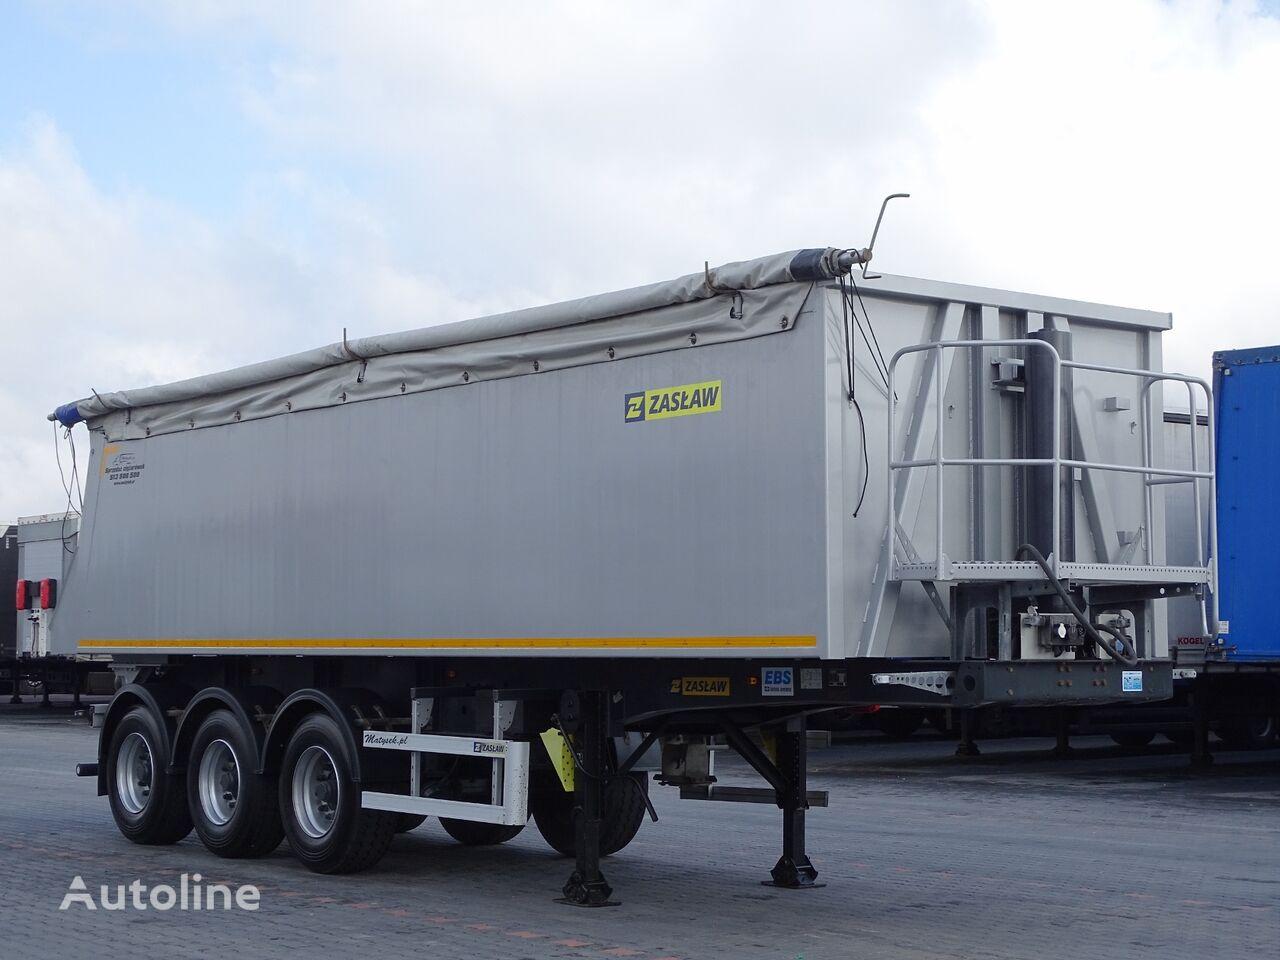 ZASŁAW TIPPER 36 M3 / LIFTED AXLE / PERFECT CONDITION tipper semi-trailer